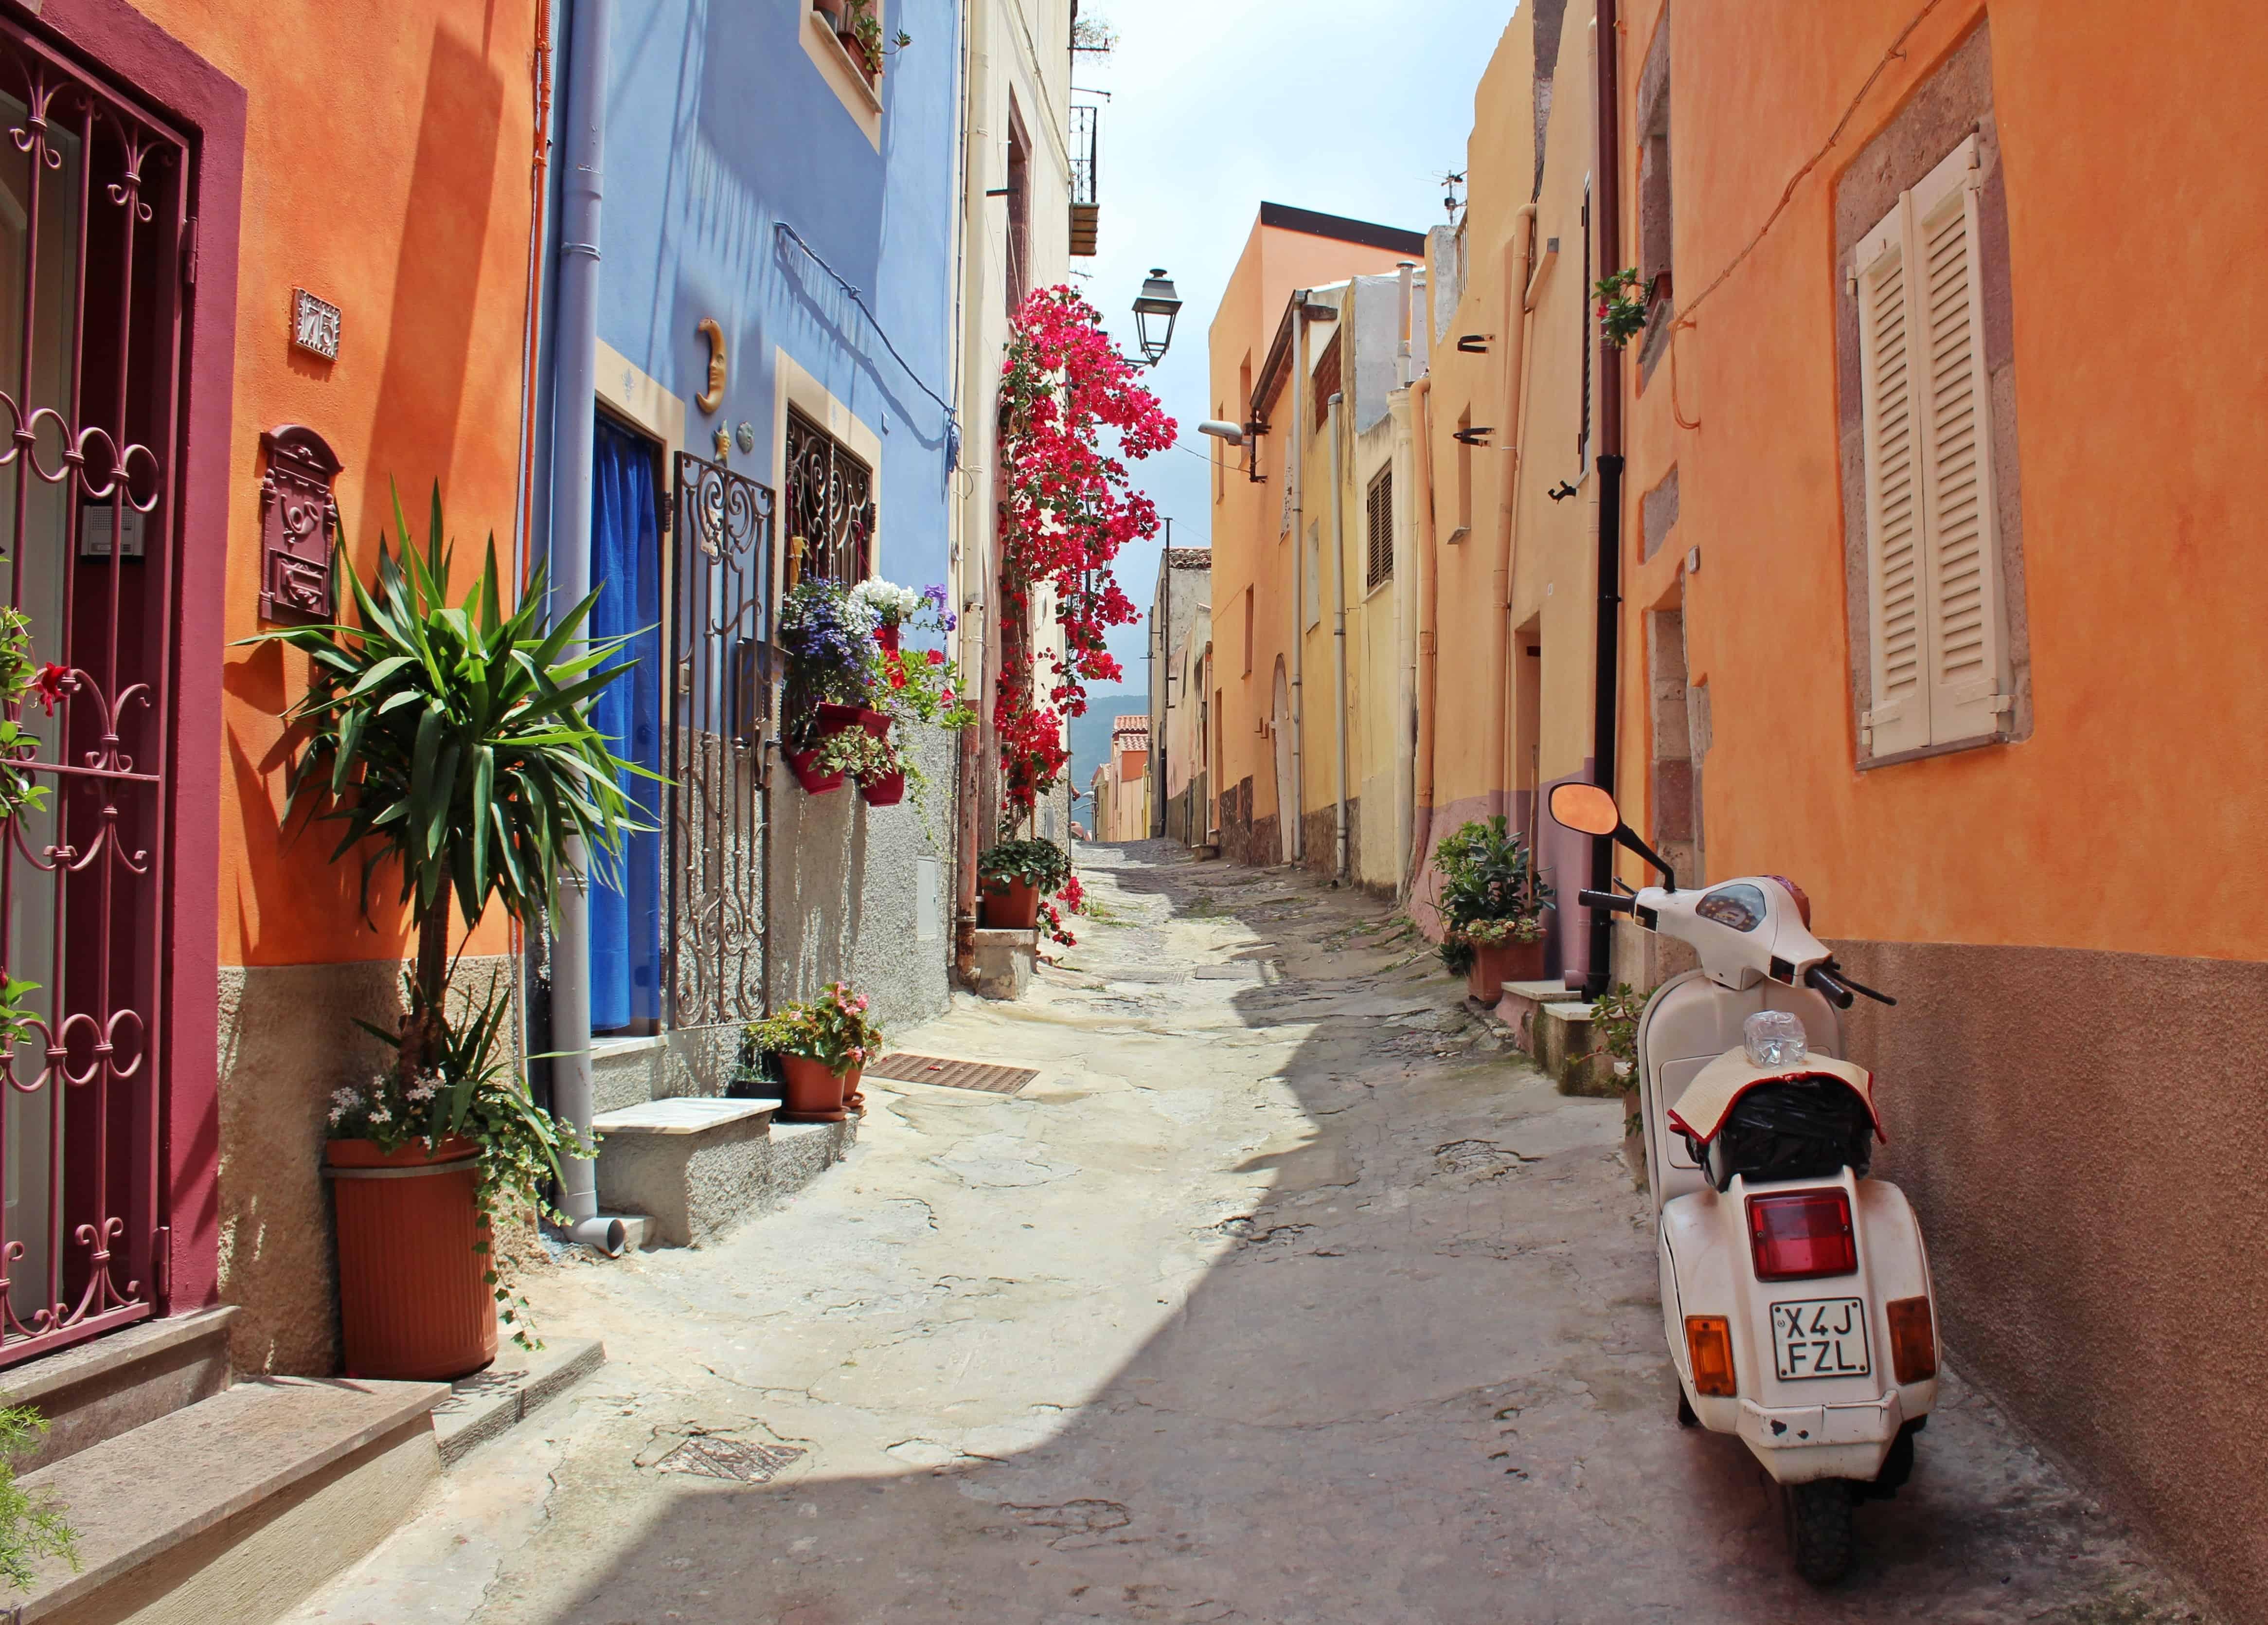 İtalya'da Çalışmaya İlişkin Şartlar ve Uygunluk